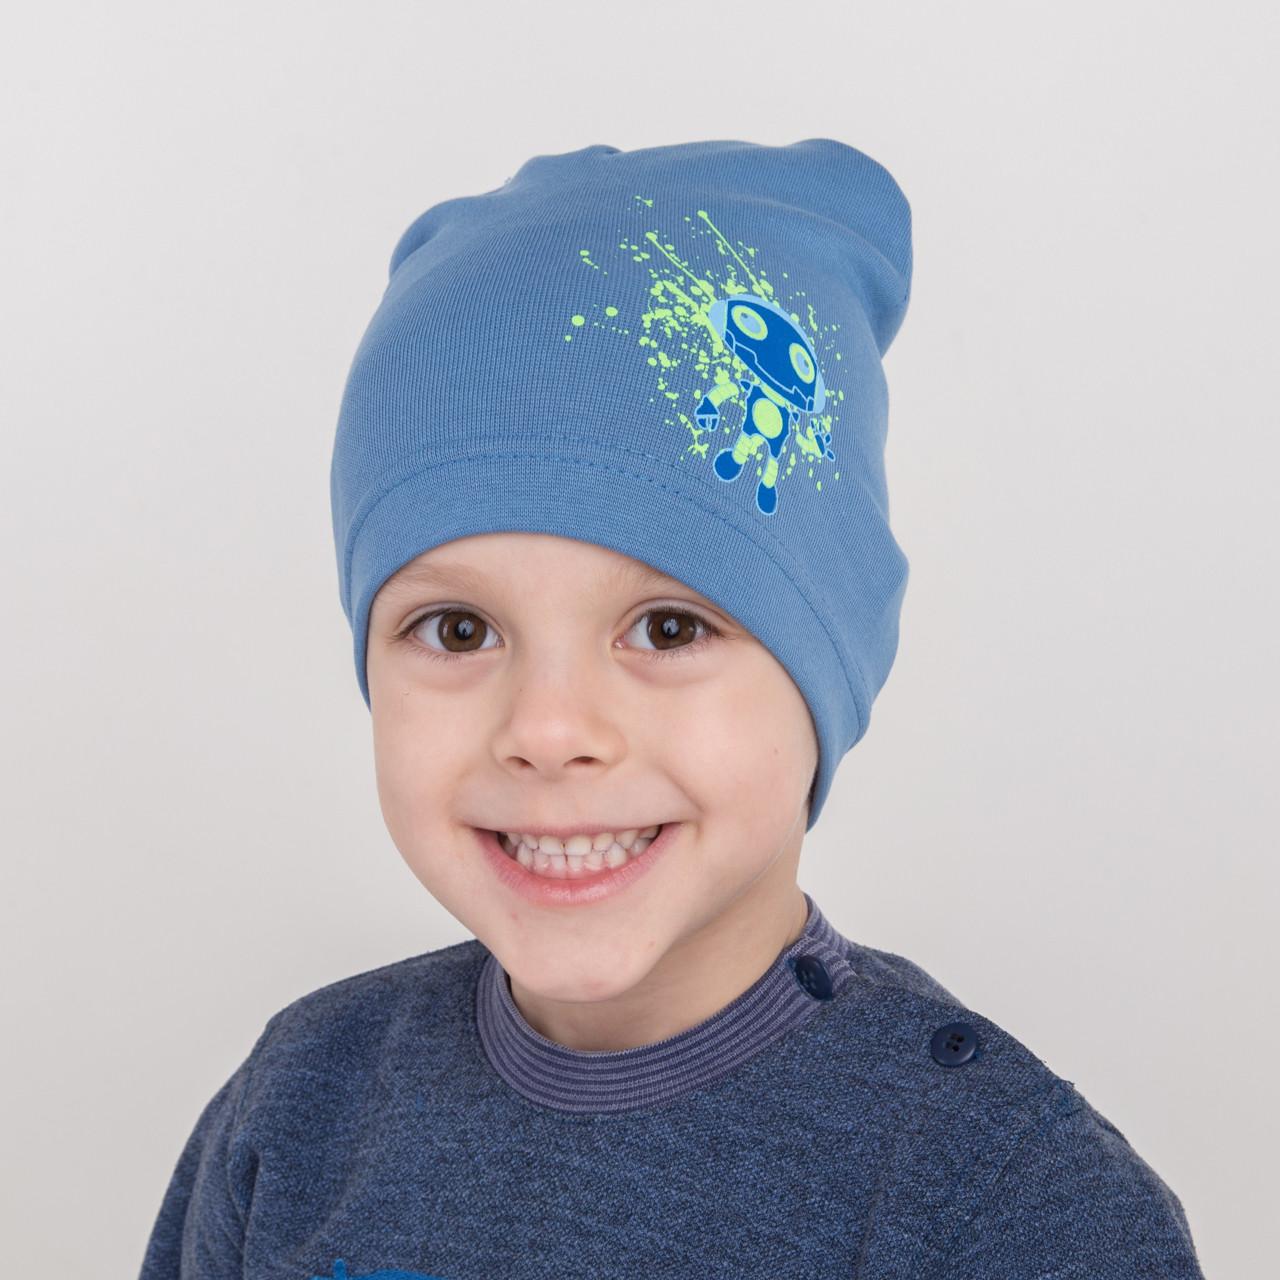 Хлопковая весенняя шапка на мальчика оптом 2018 - Robot  - Артикул 2179